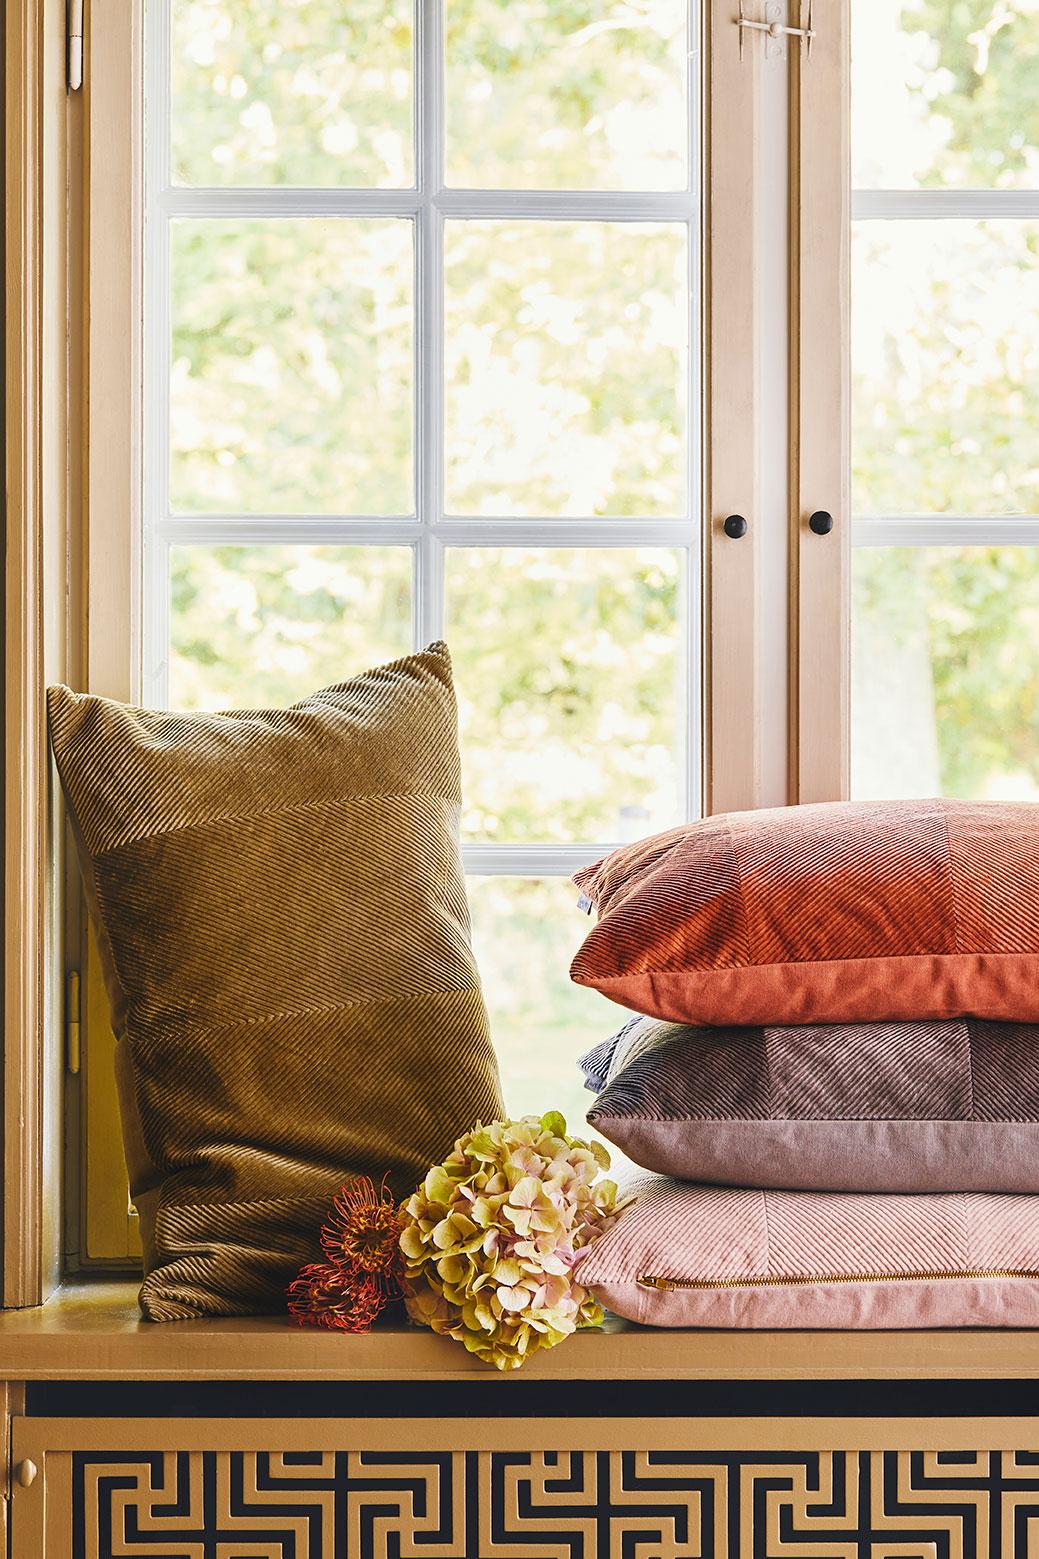 Høeg-+-Møller-18.10.9-10-Cozy-Living-SS193893-LOW.jpg